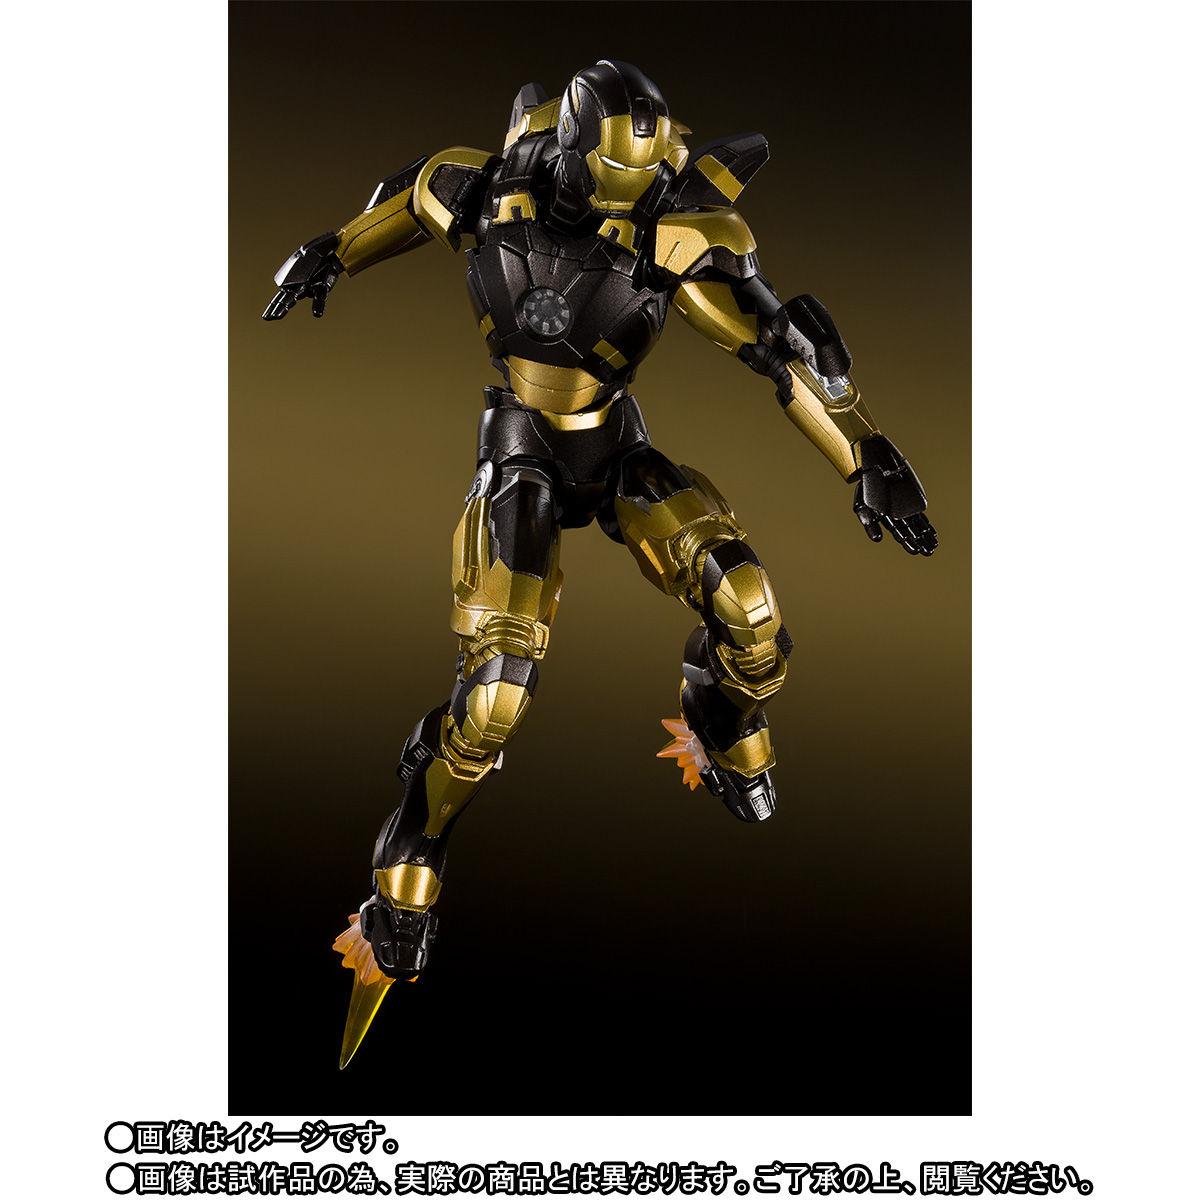 S.H.フィギュアーツ『アイアンマン マーク20 パイソン』アイアンマン3 可動フィギュア-006